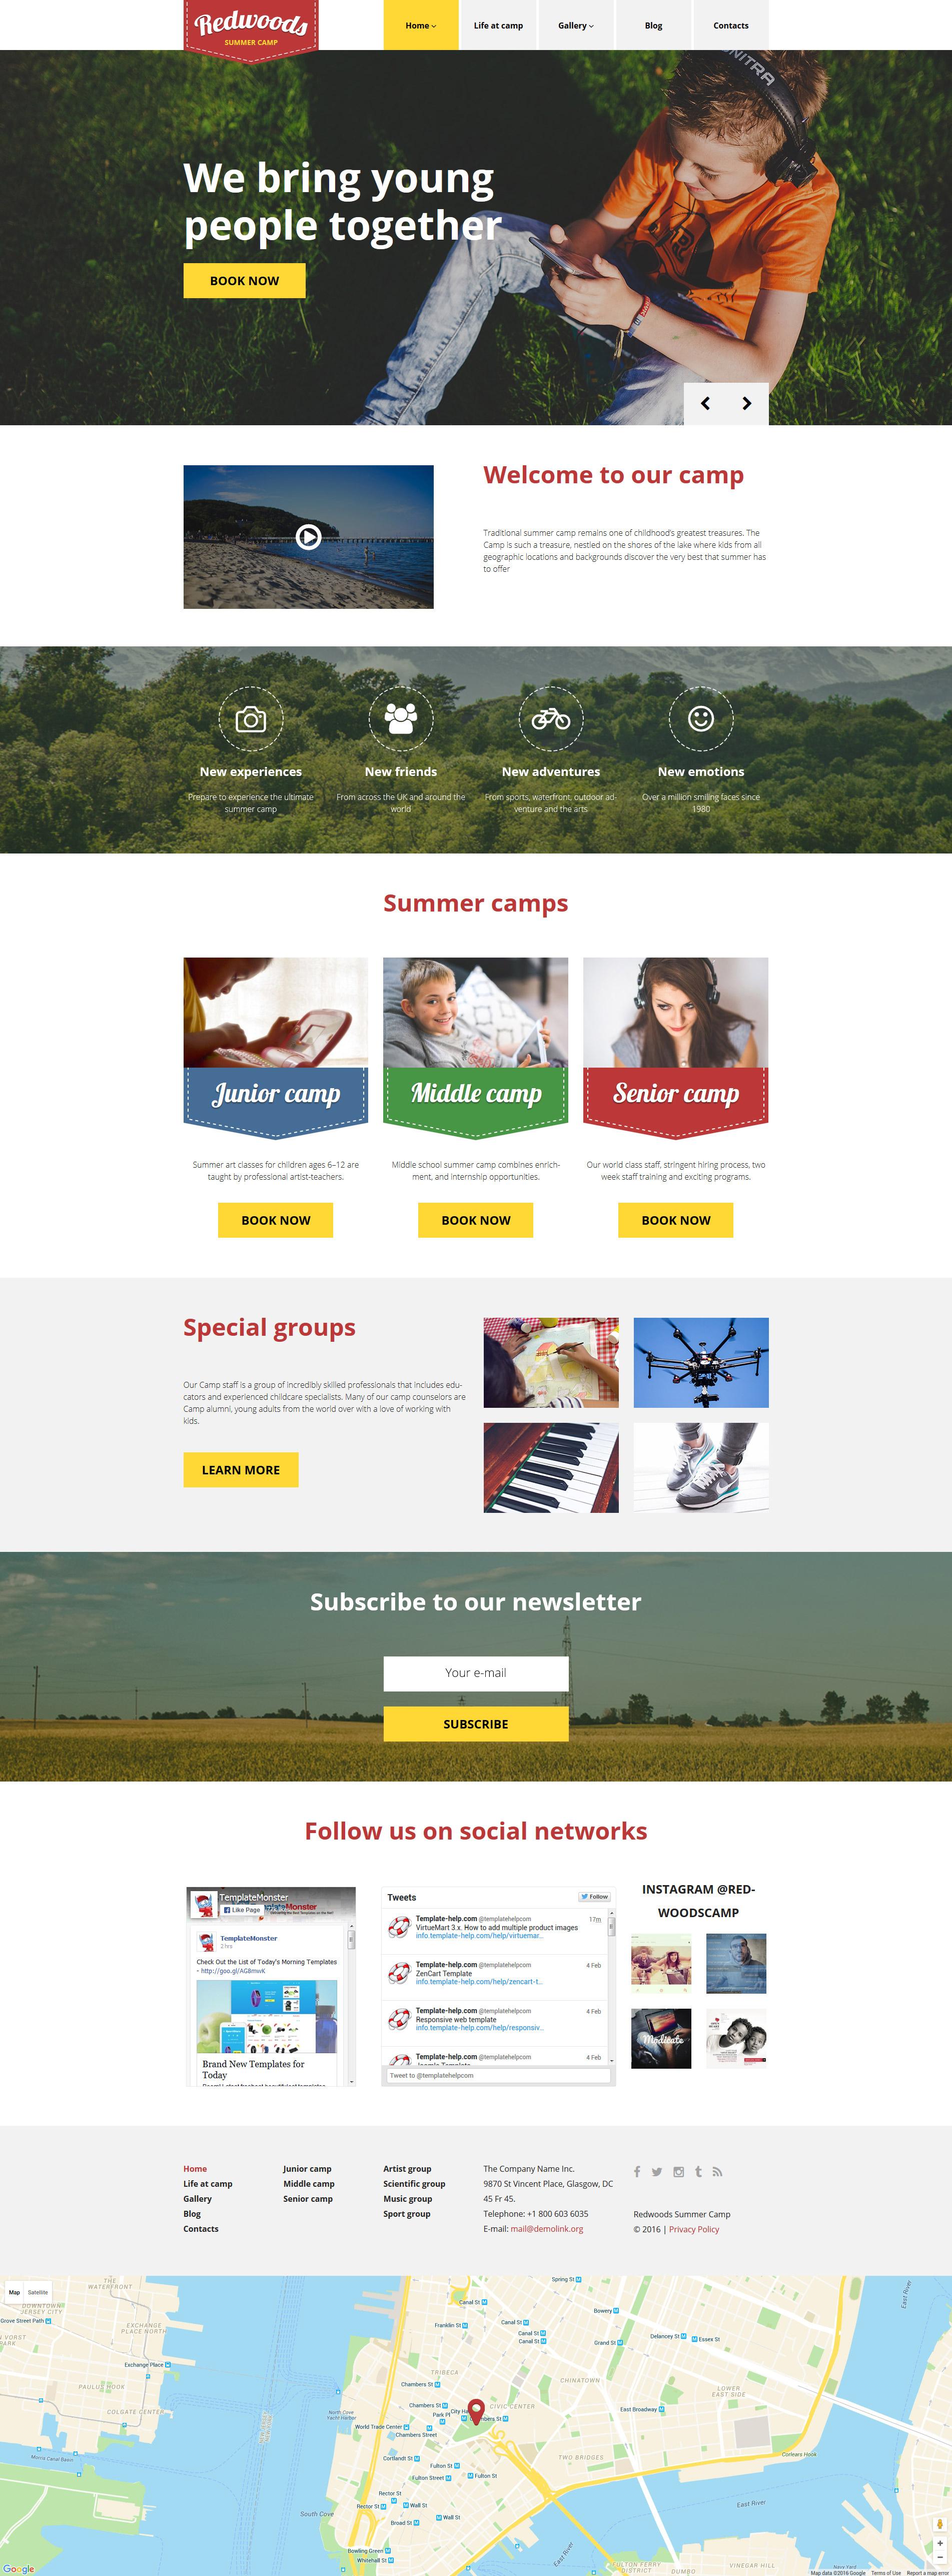 Responsivt Redwoods WordPress-tema #58465 - skärmbild